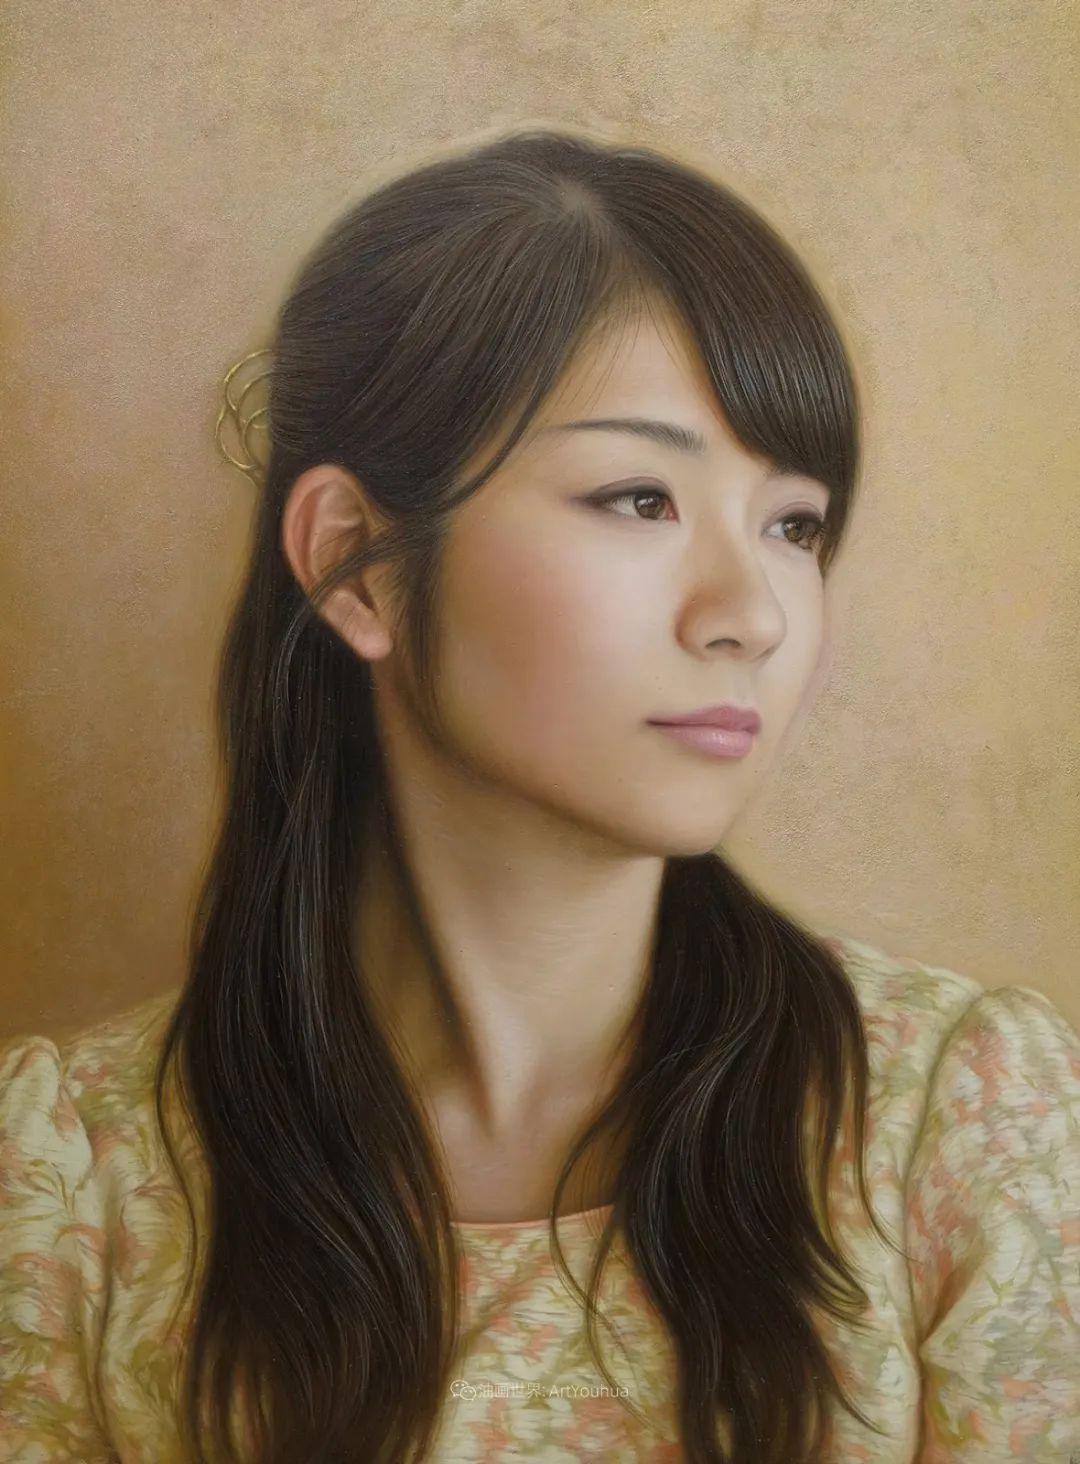 日本画家佐藤功笔下的清纯美女,如照片般的质感!插图33